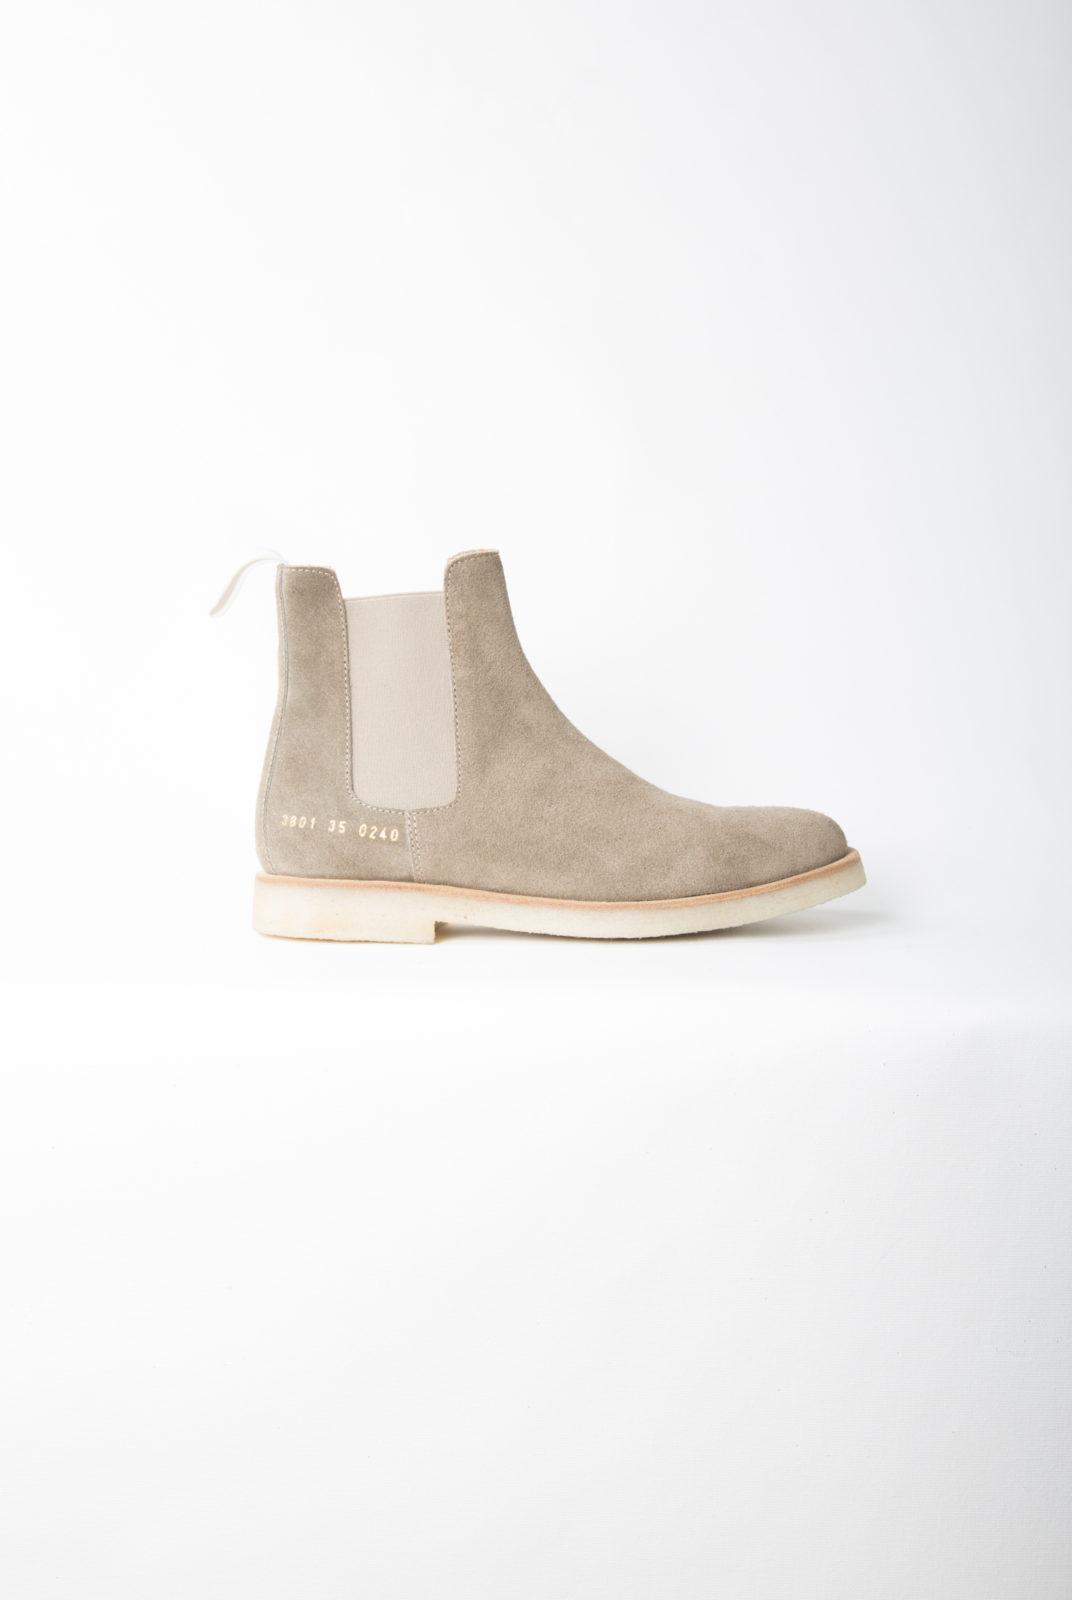 chelsea boots, tan, daim, semelle caoutchouc, signature doré, common projects